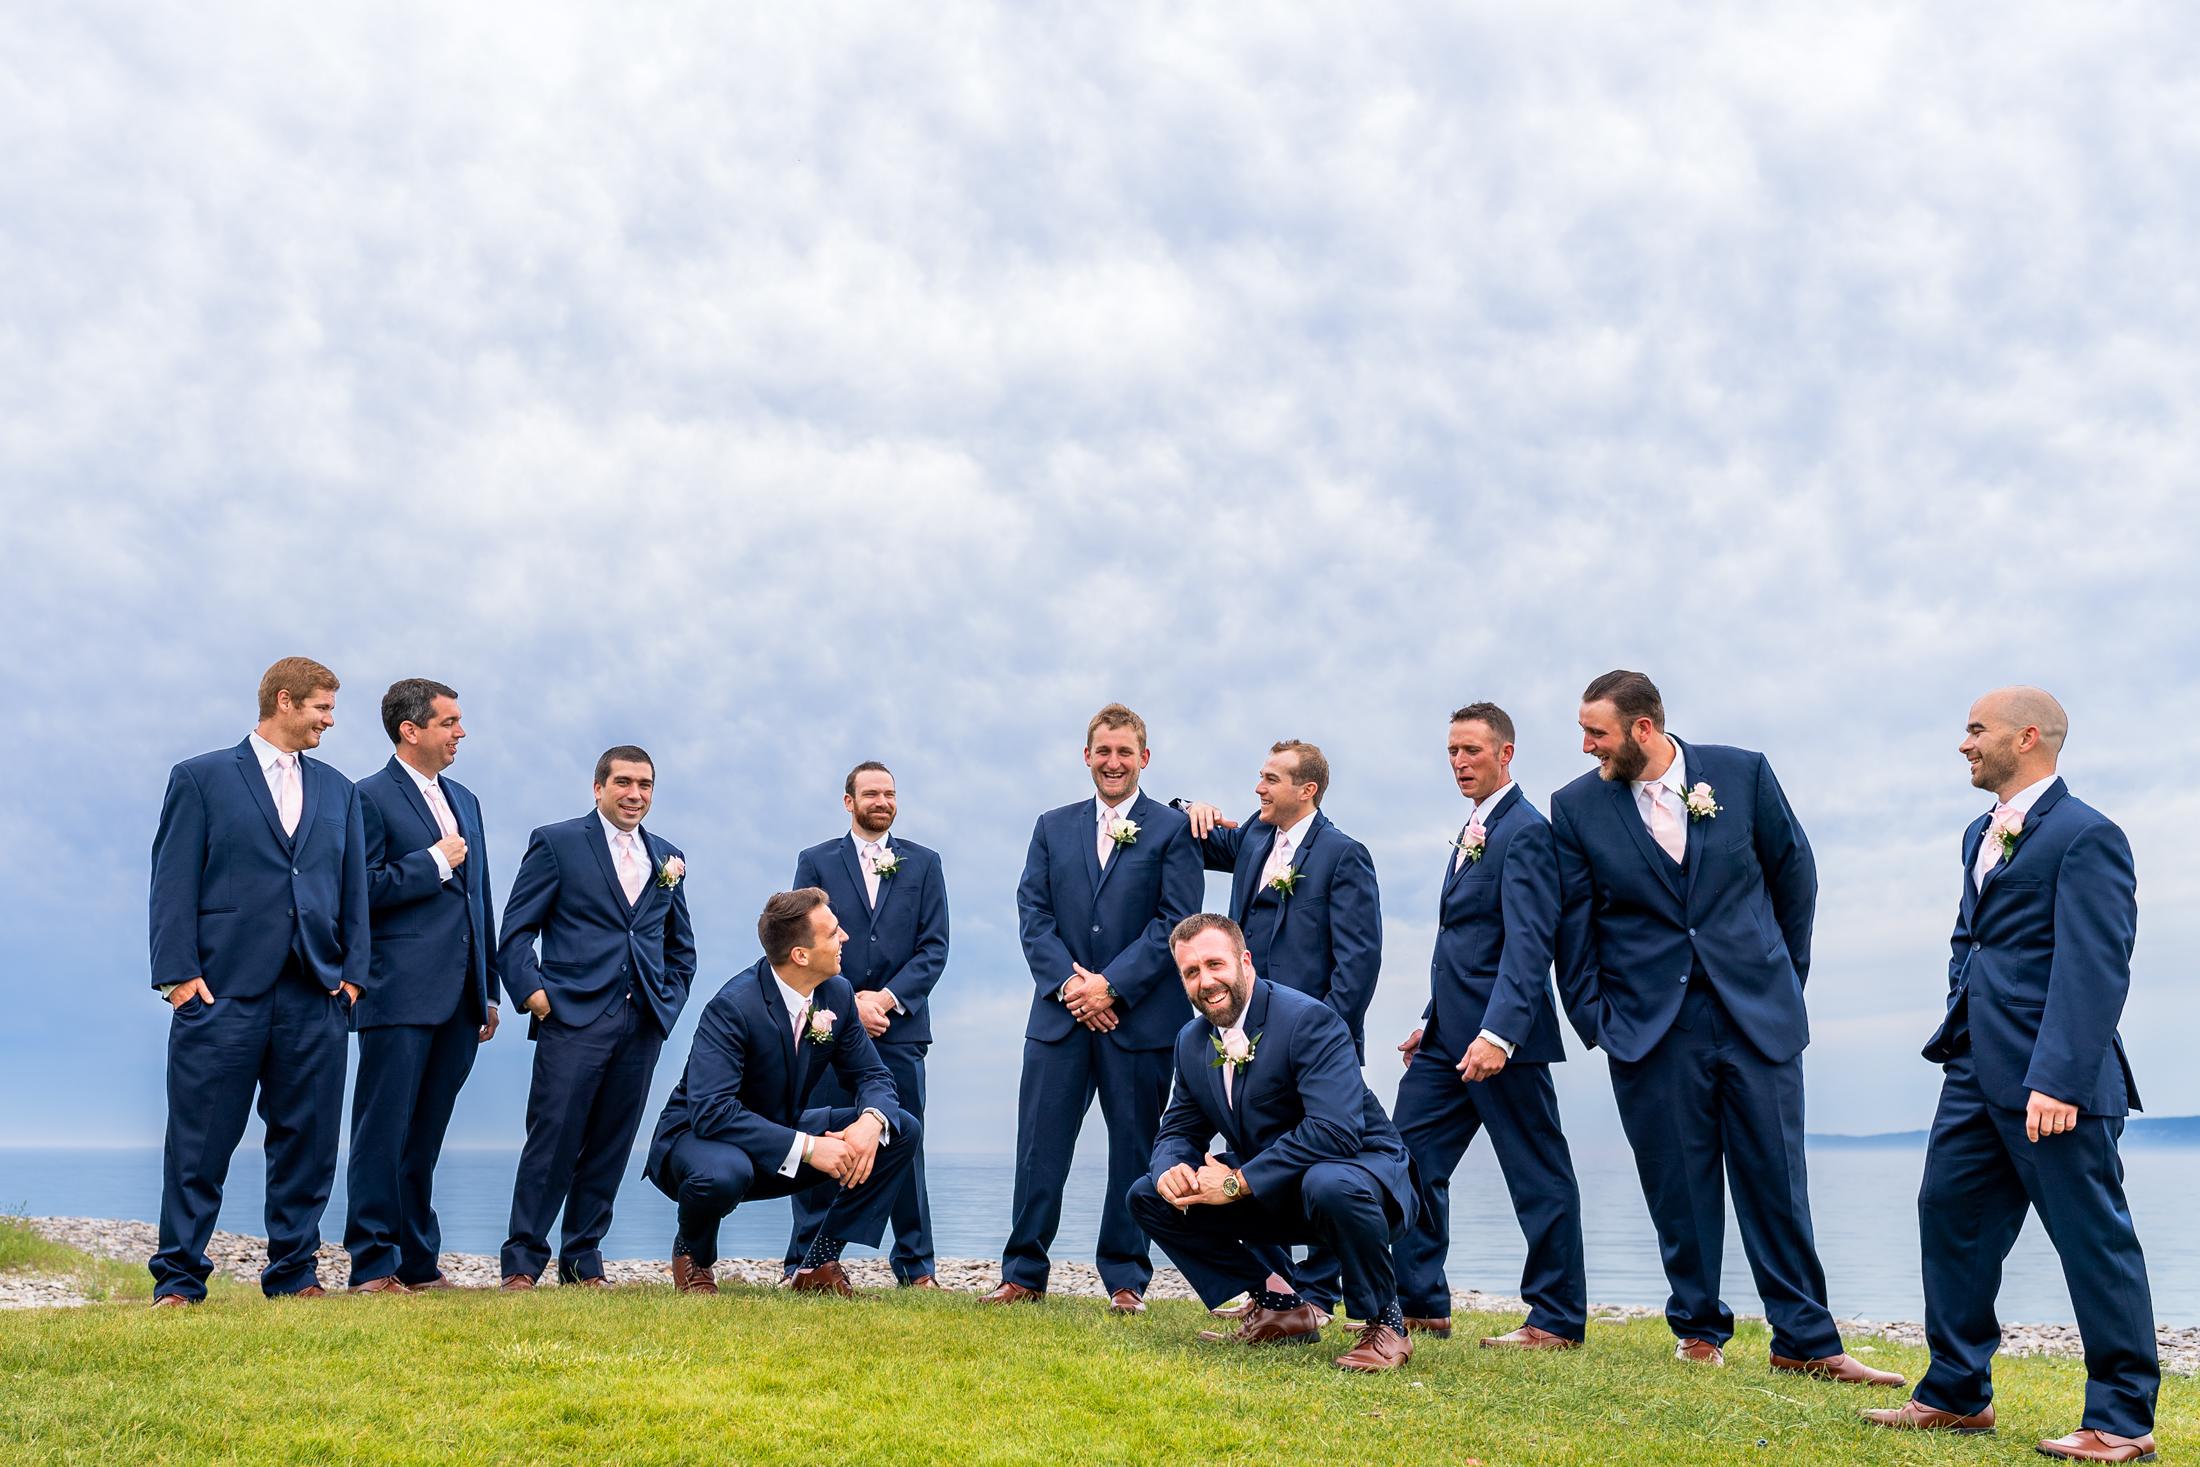 McKillip_Robbins_Wedding_Alyson_125.jpg